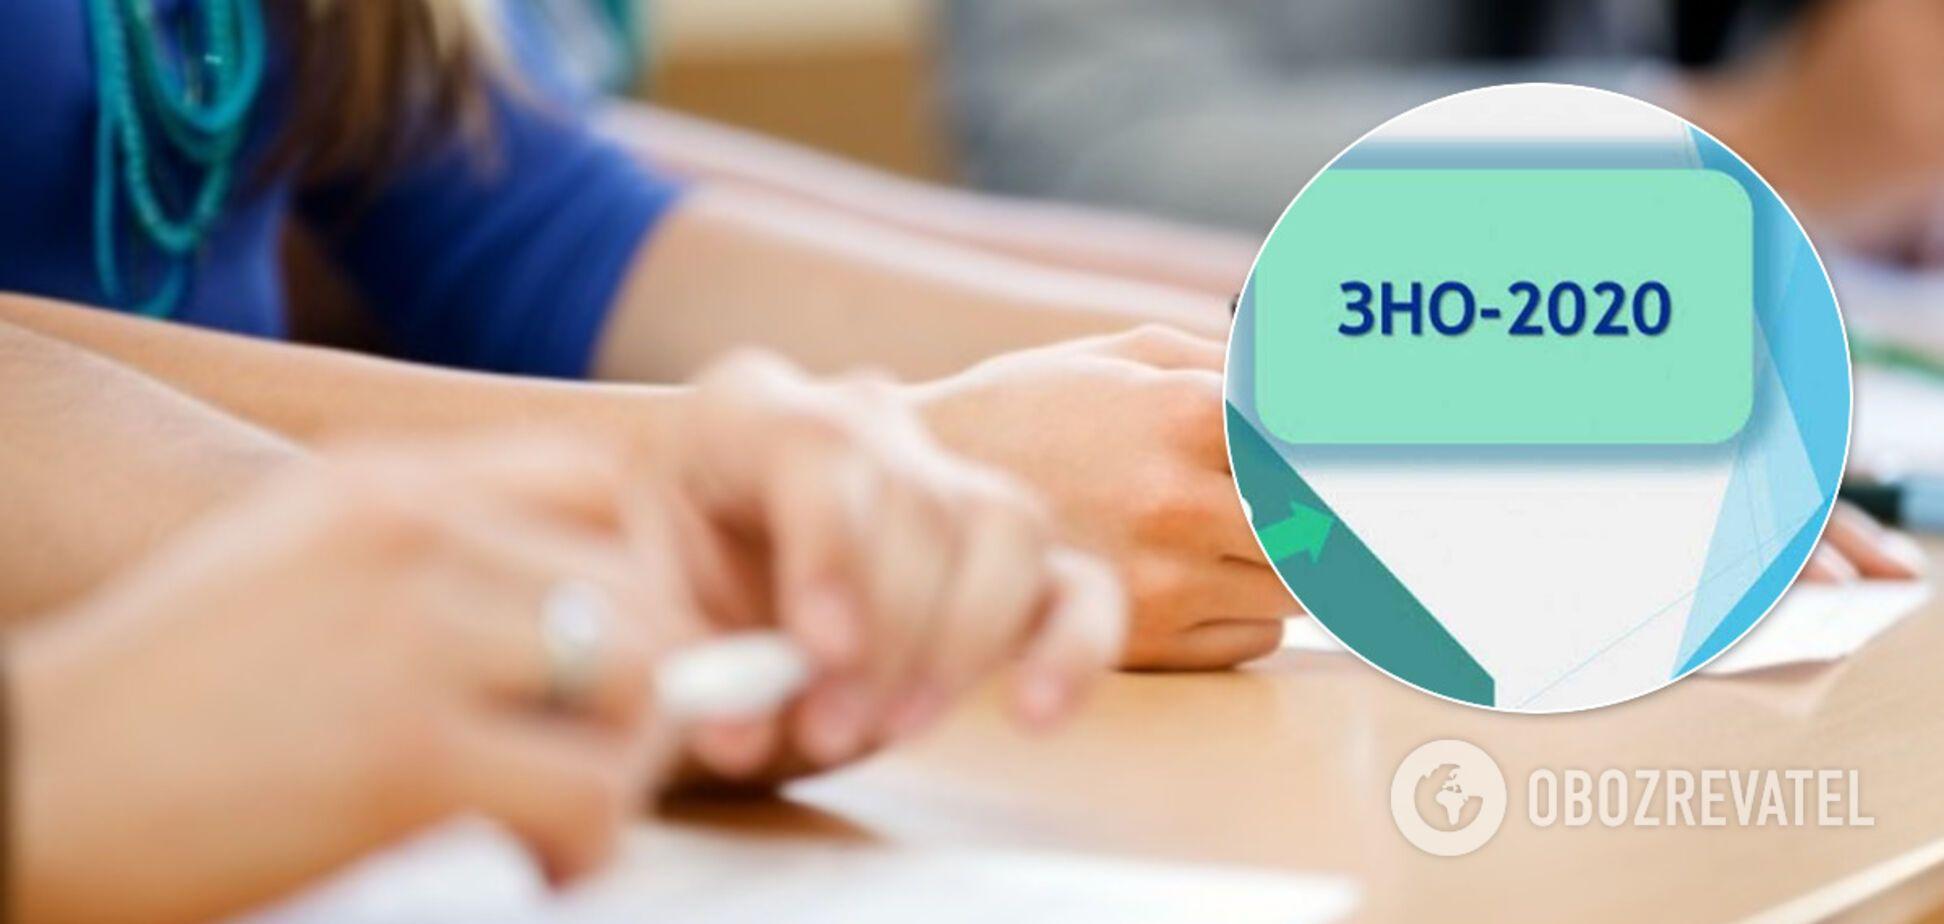 ВНО в Украине хотят отменить: нардеп рассказала об опасности экзаменов